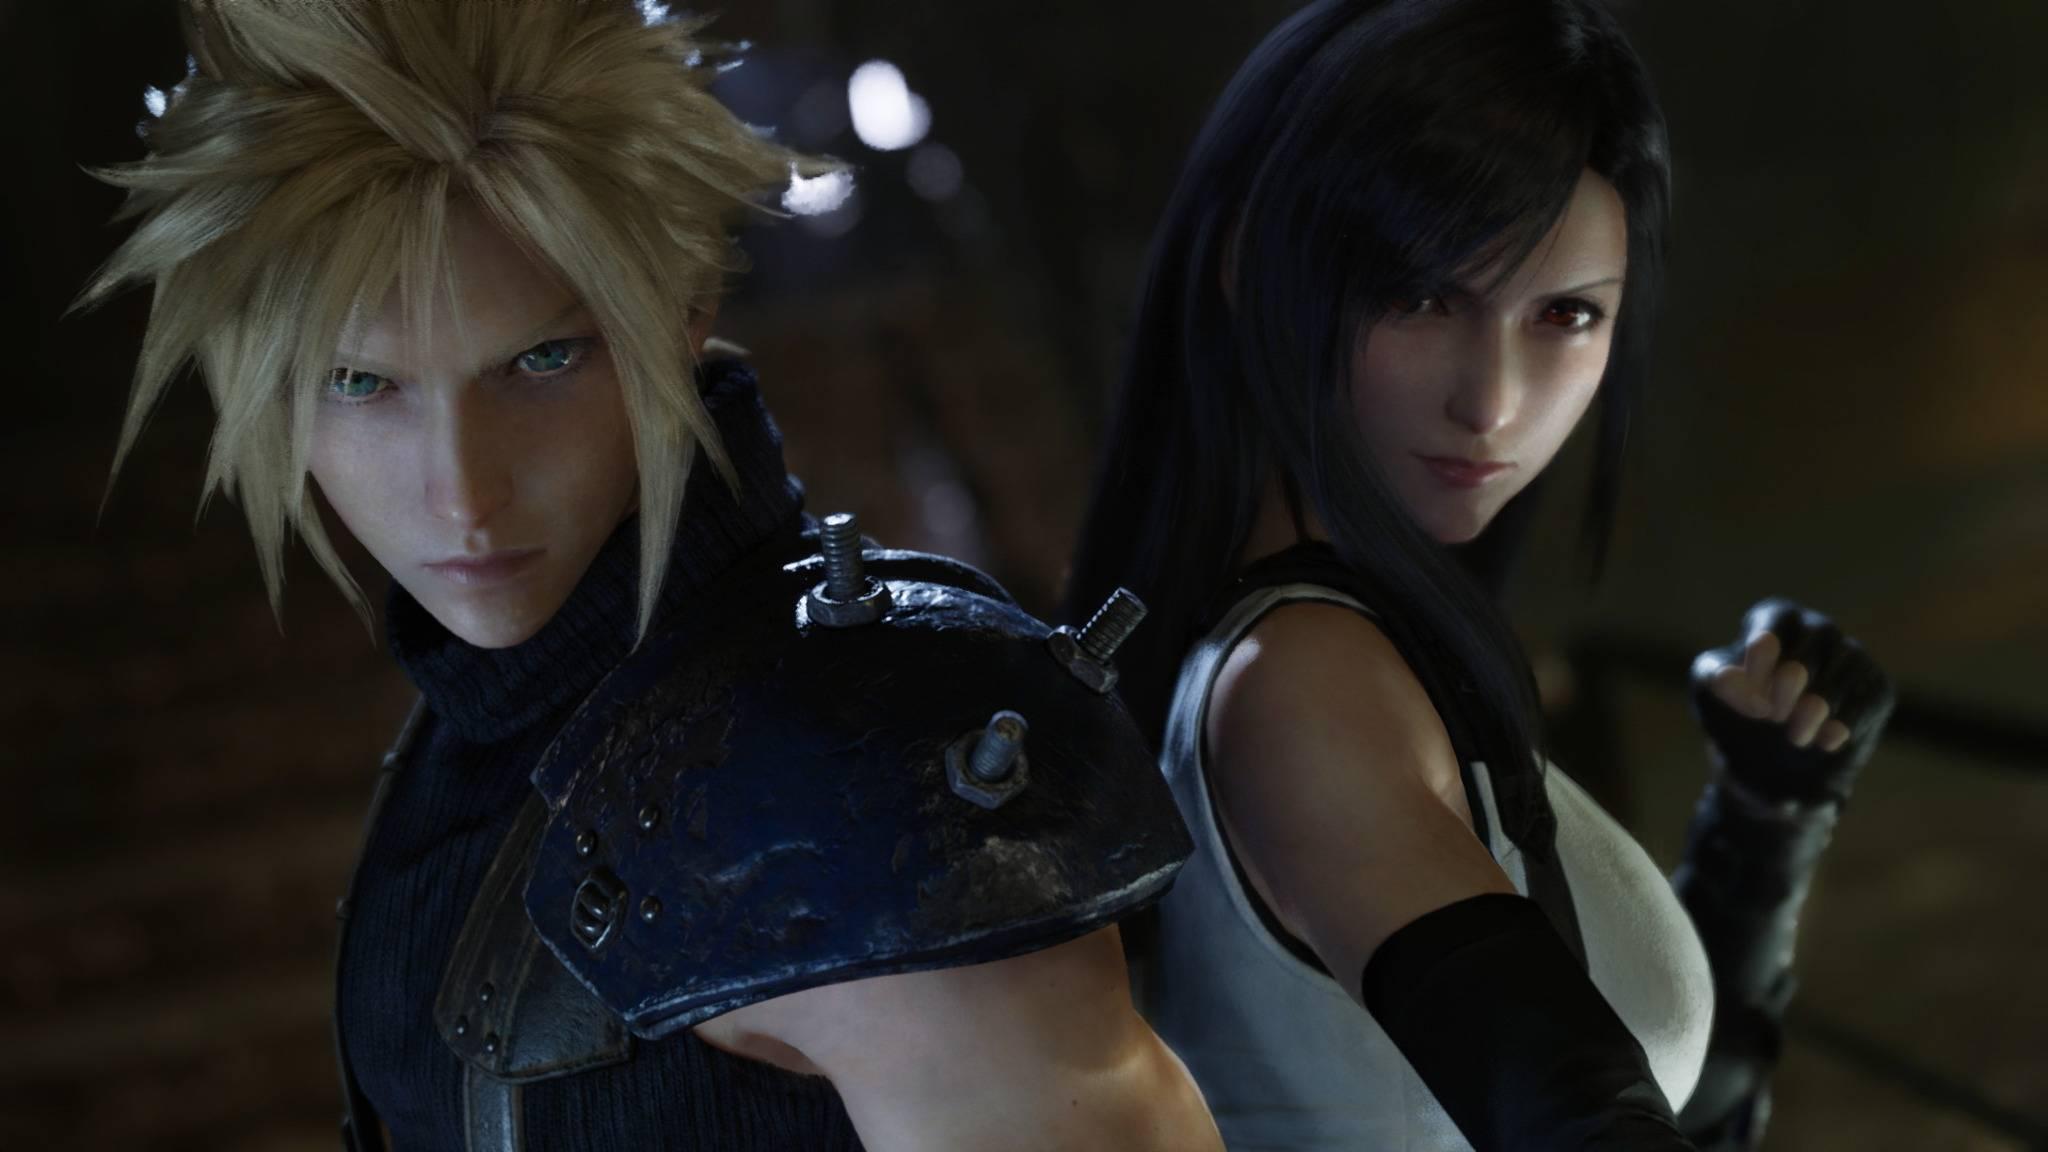 """Brauchen noch etwas Zeit: Cloud & Tifa aus """"Final Fantasy 7""""."""